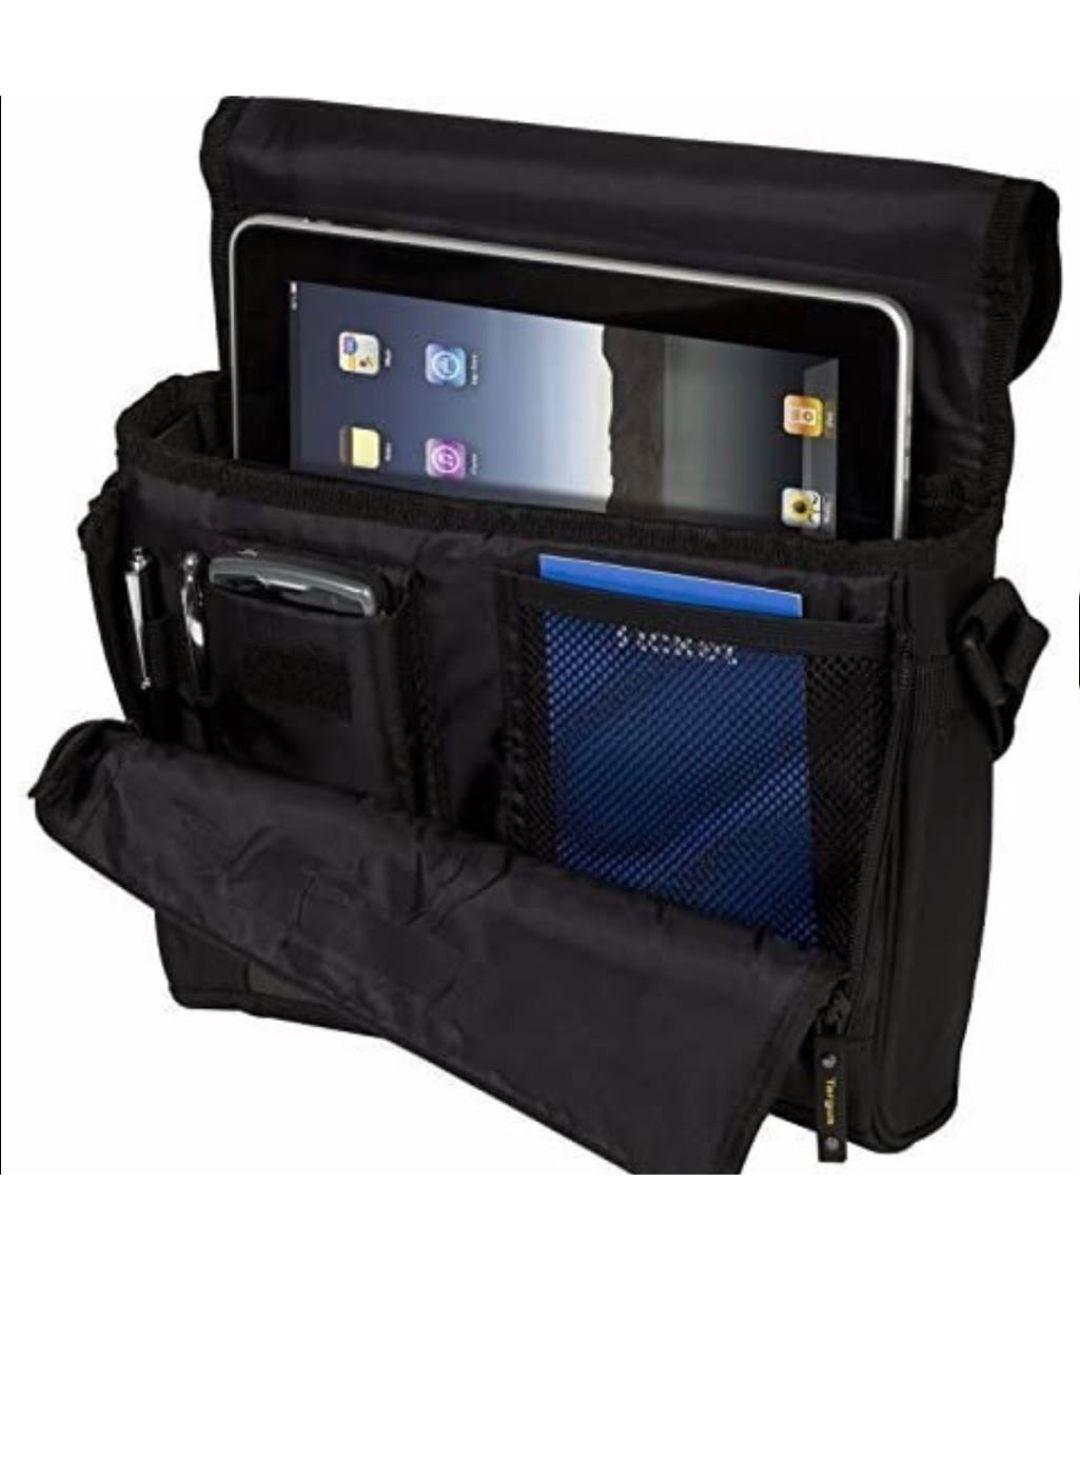 Targus Case for Tablet